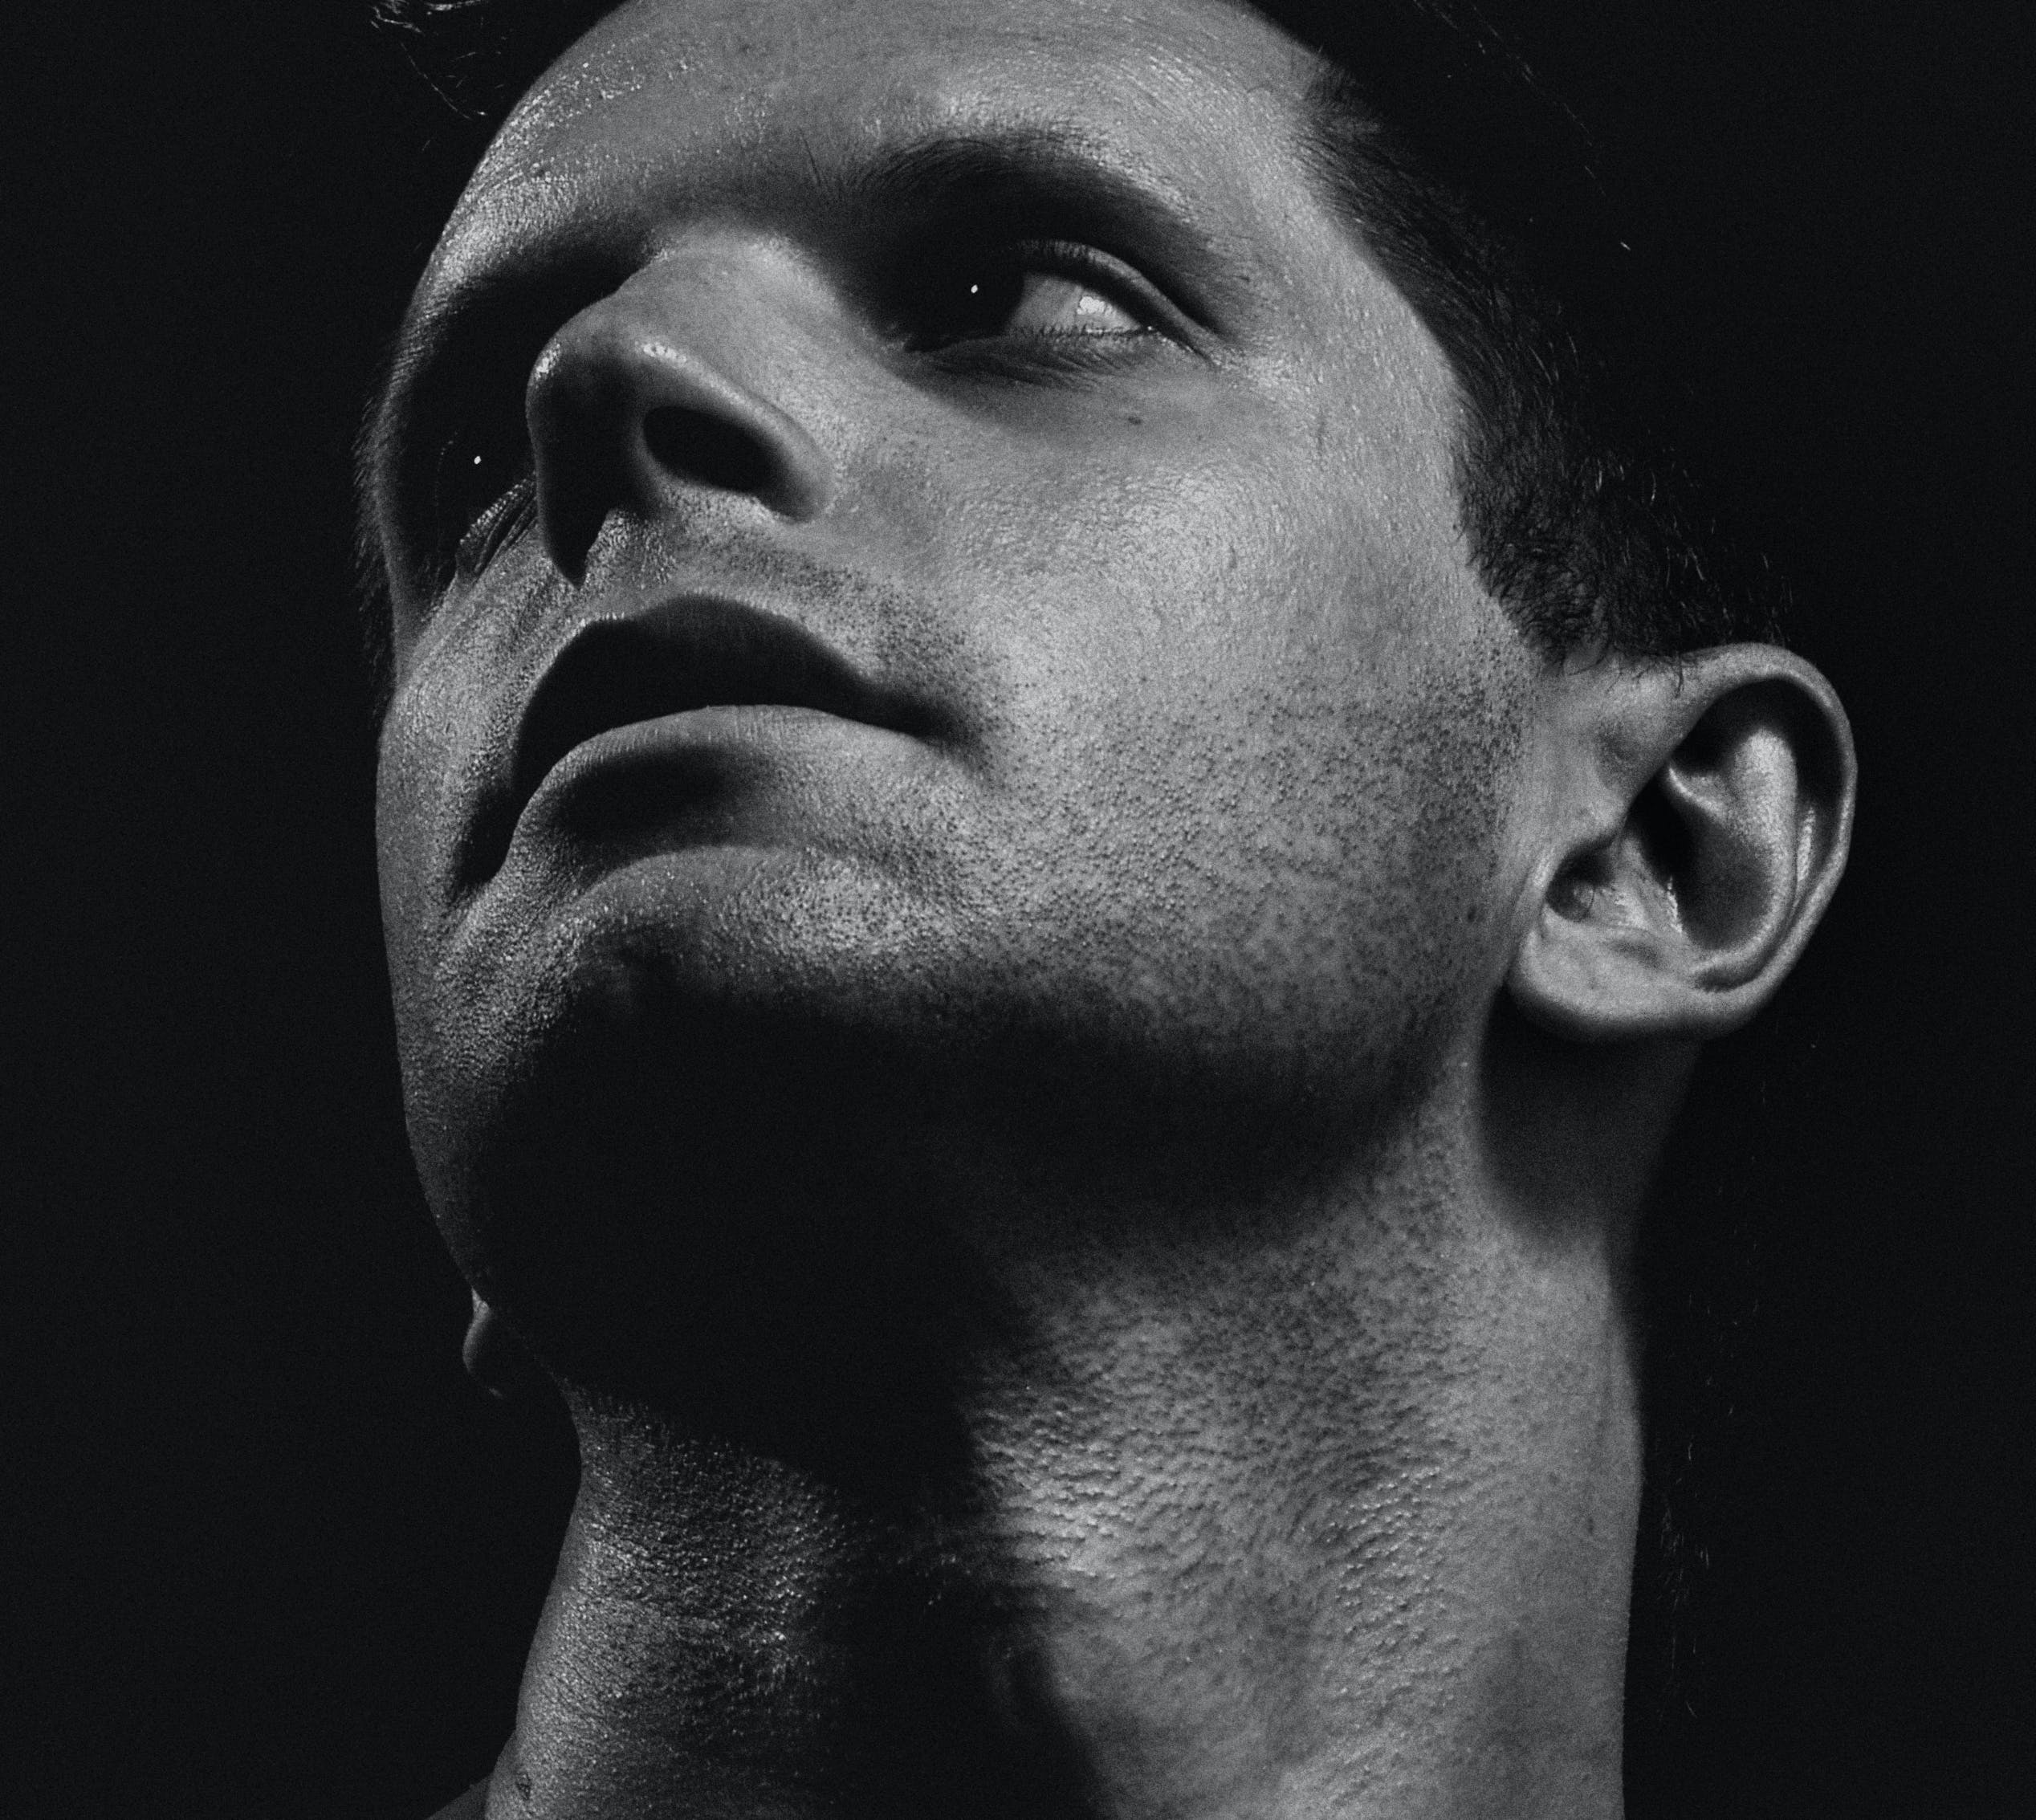 Free stock photo of портрет, студия, черное и белое, человек